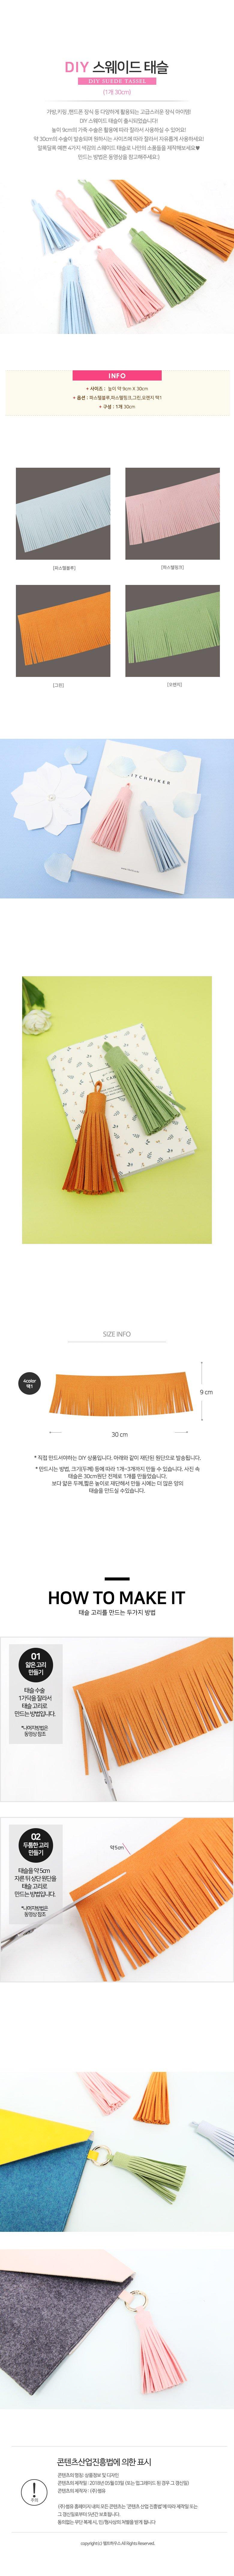 DIY 스웨이드 태슬 - 펠트하우스, 3,500원, 펠트공예, 장식/단추/라벨